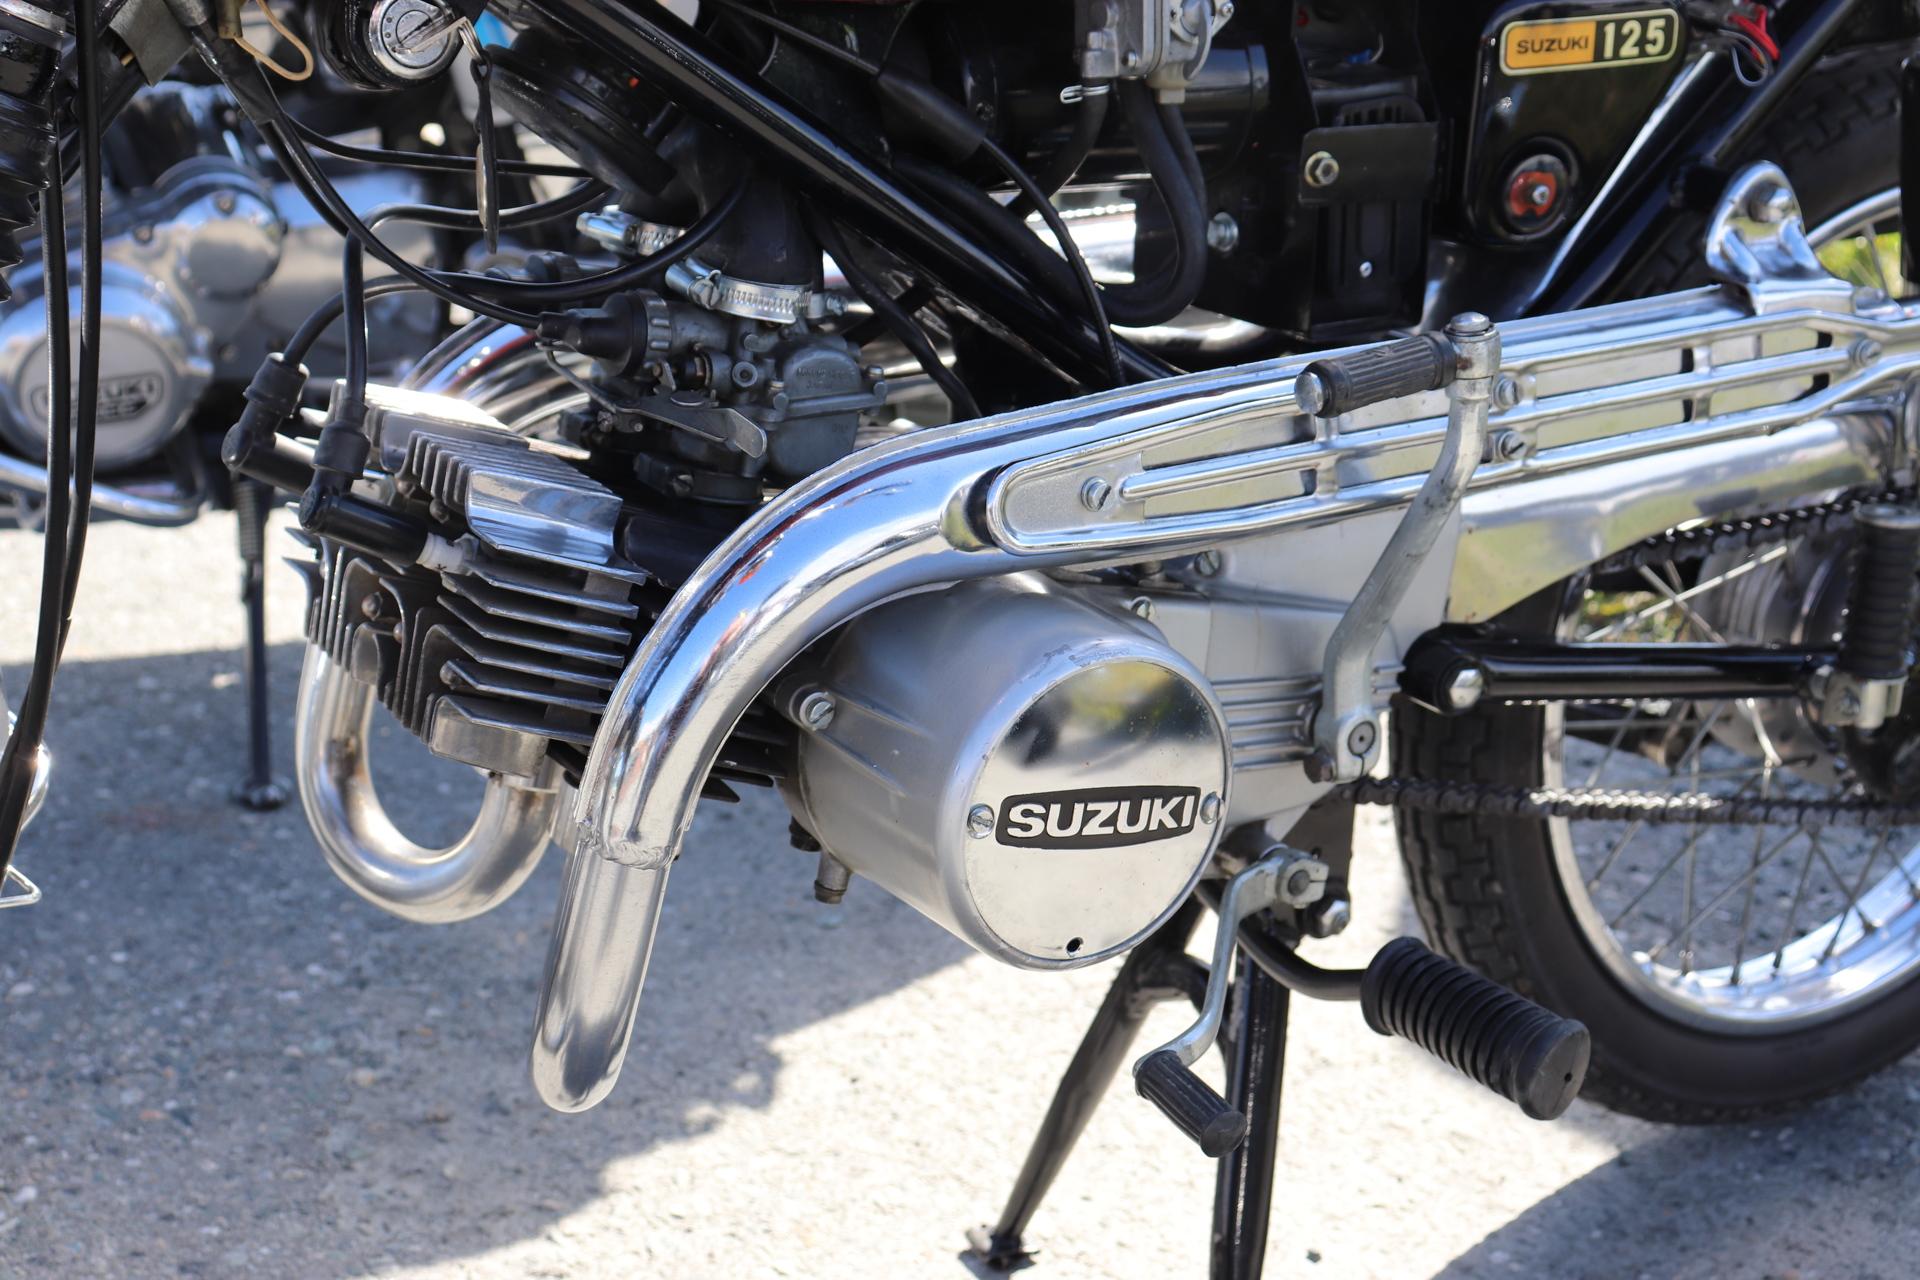 12 Suzuki 125.JPG